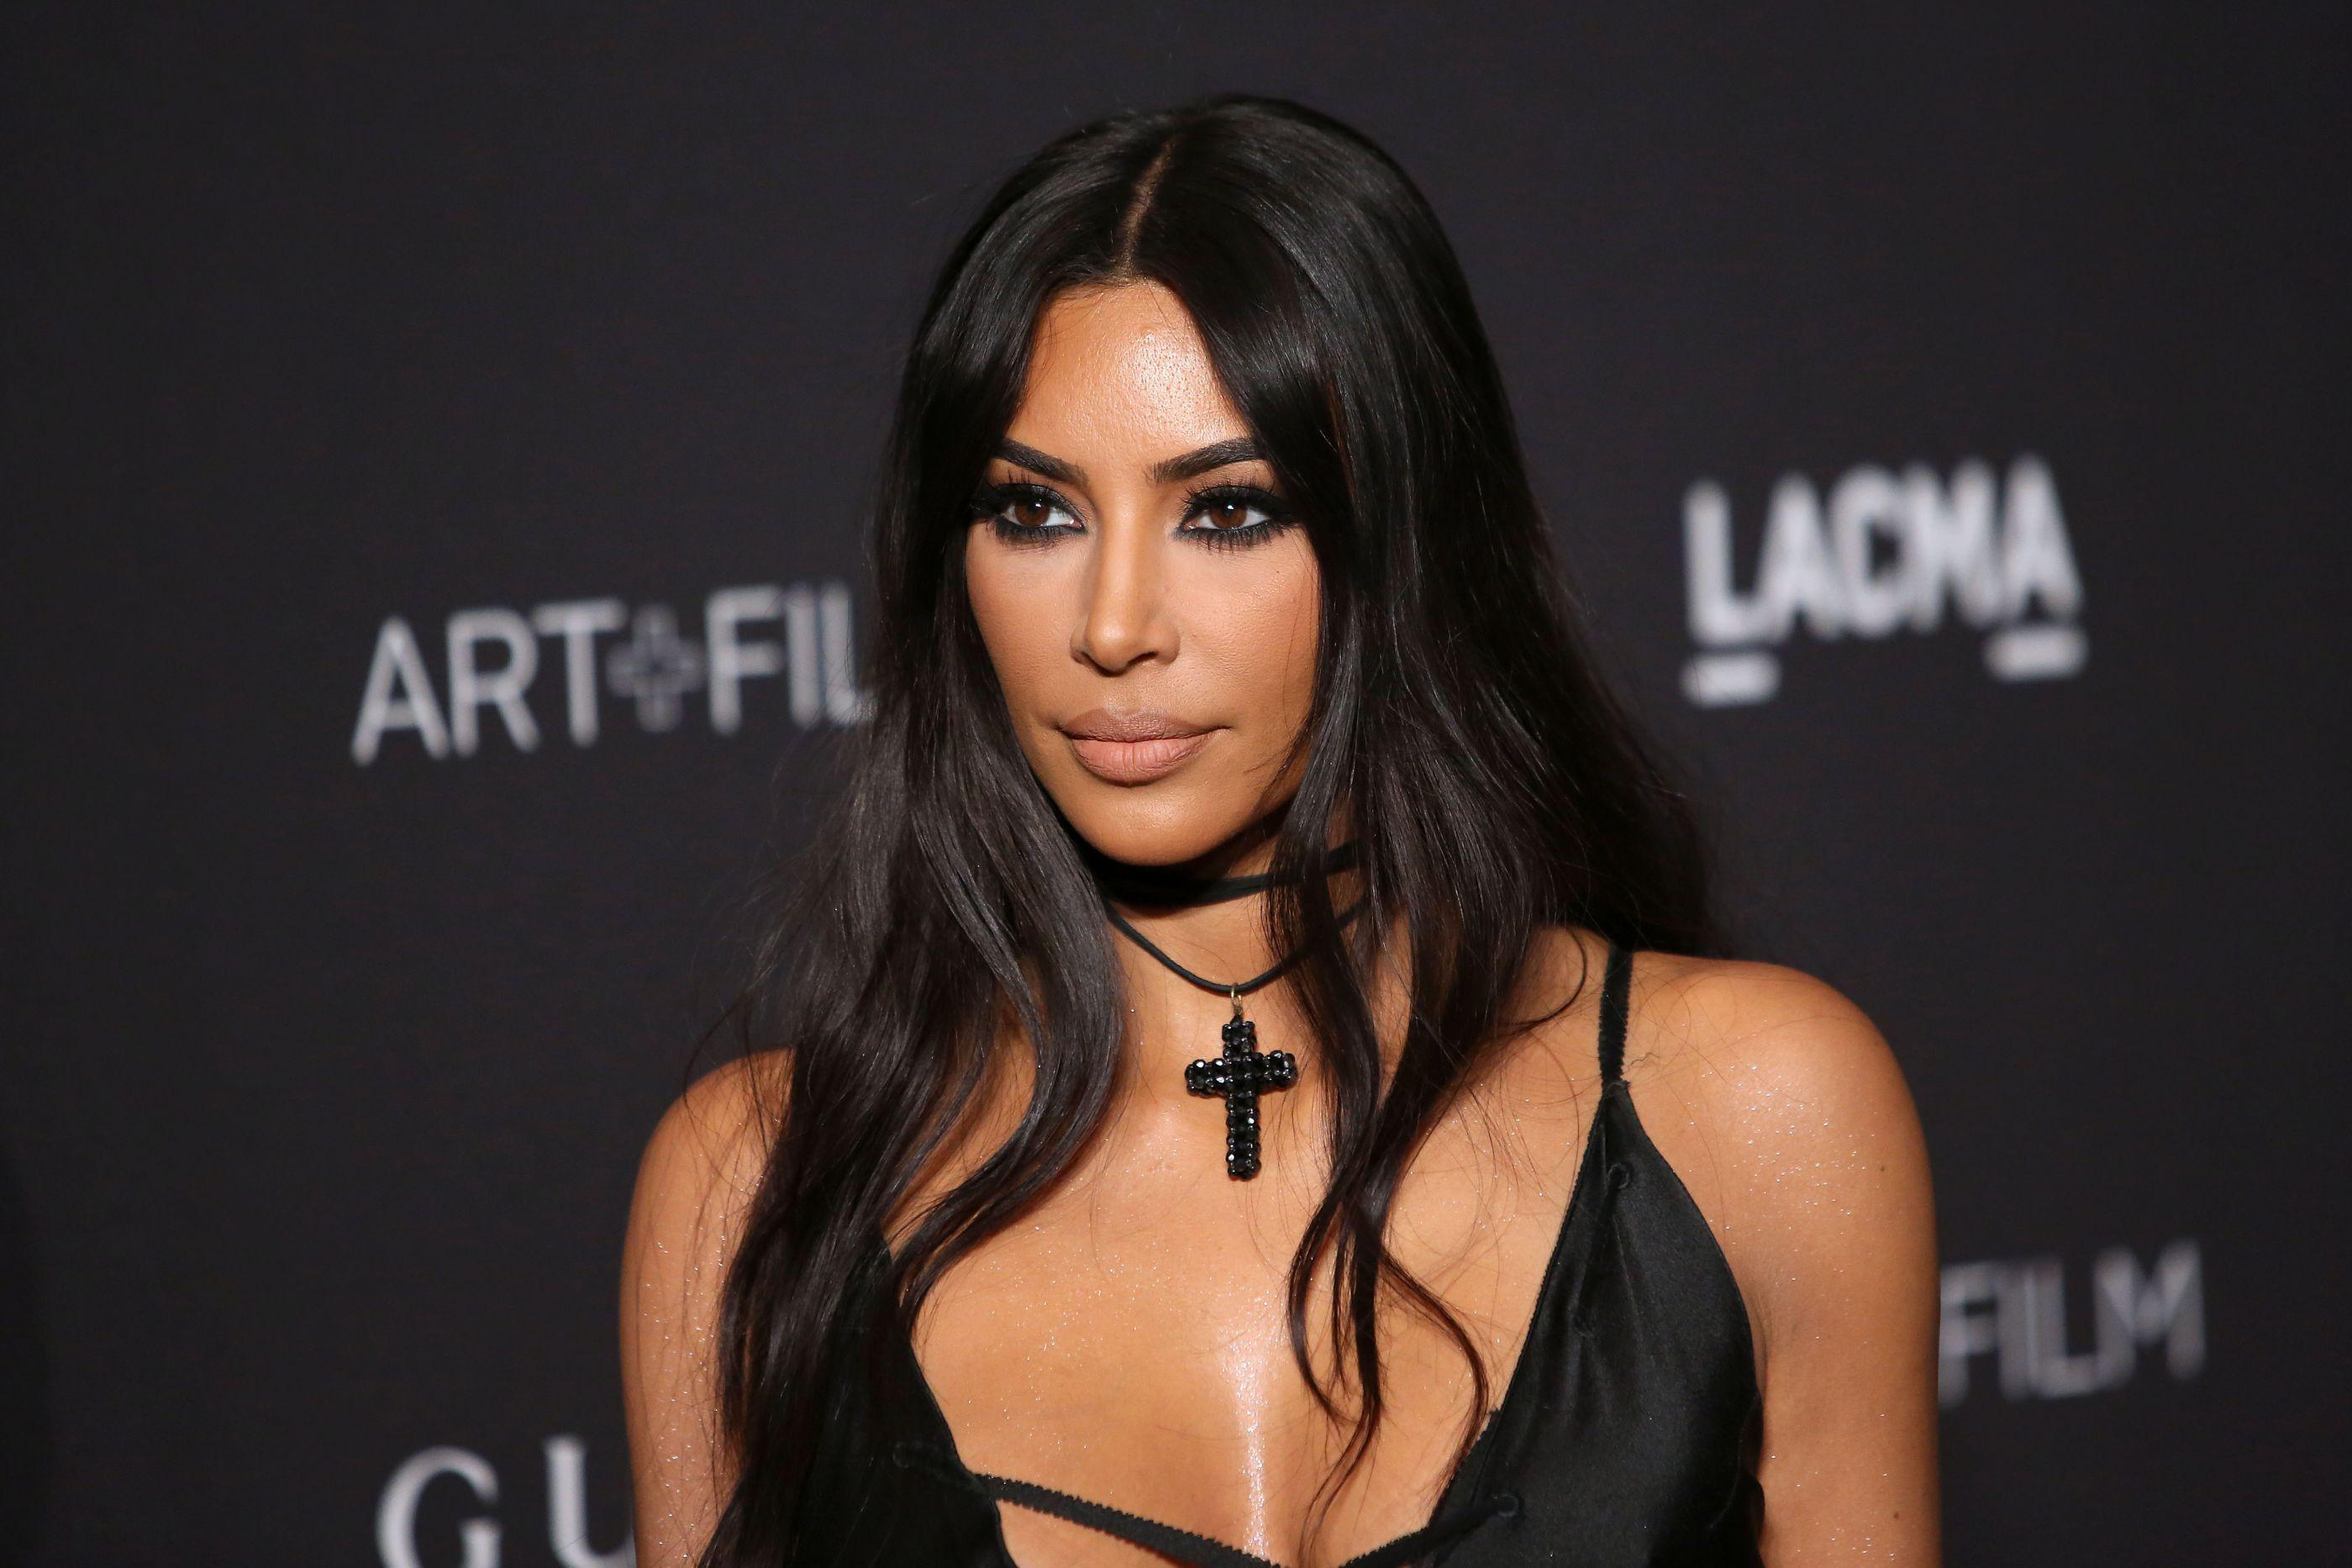 Até Kim ficou surpresa com o luxo de avião exigido por Kanye West